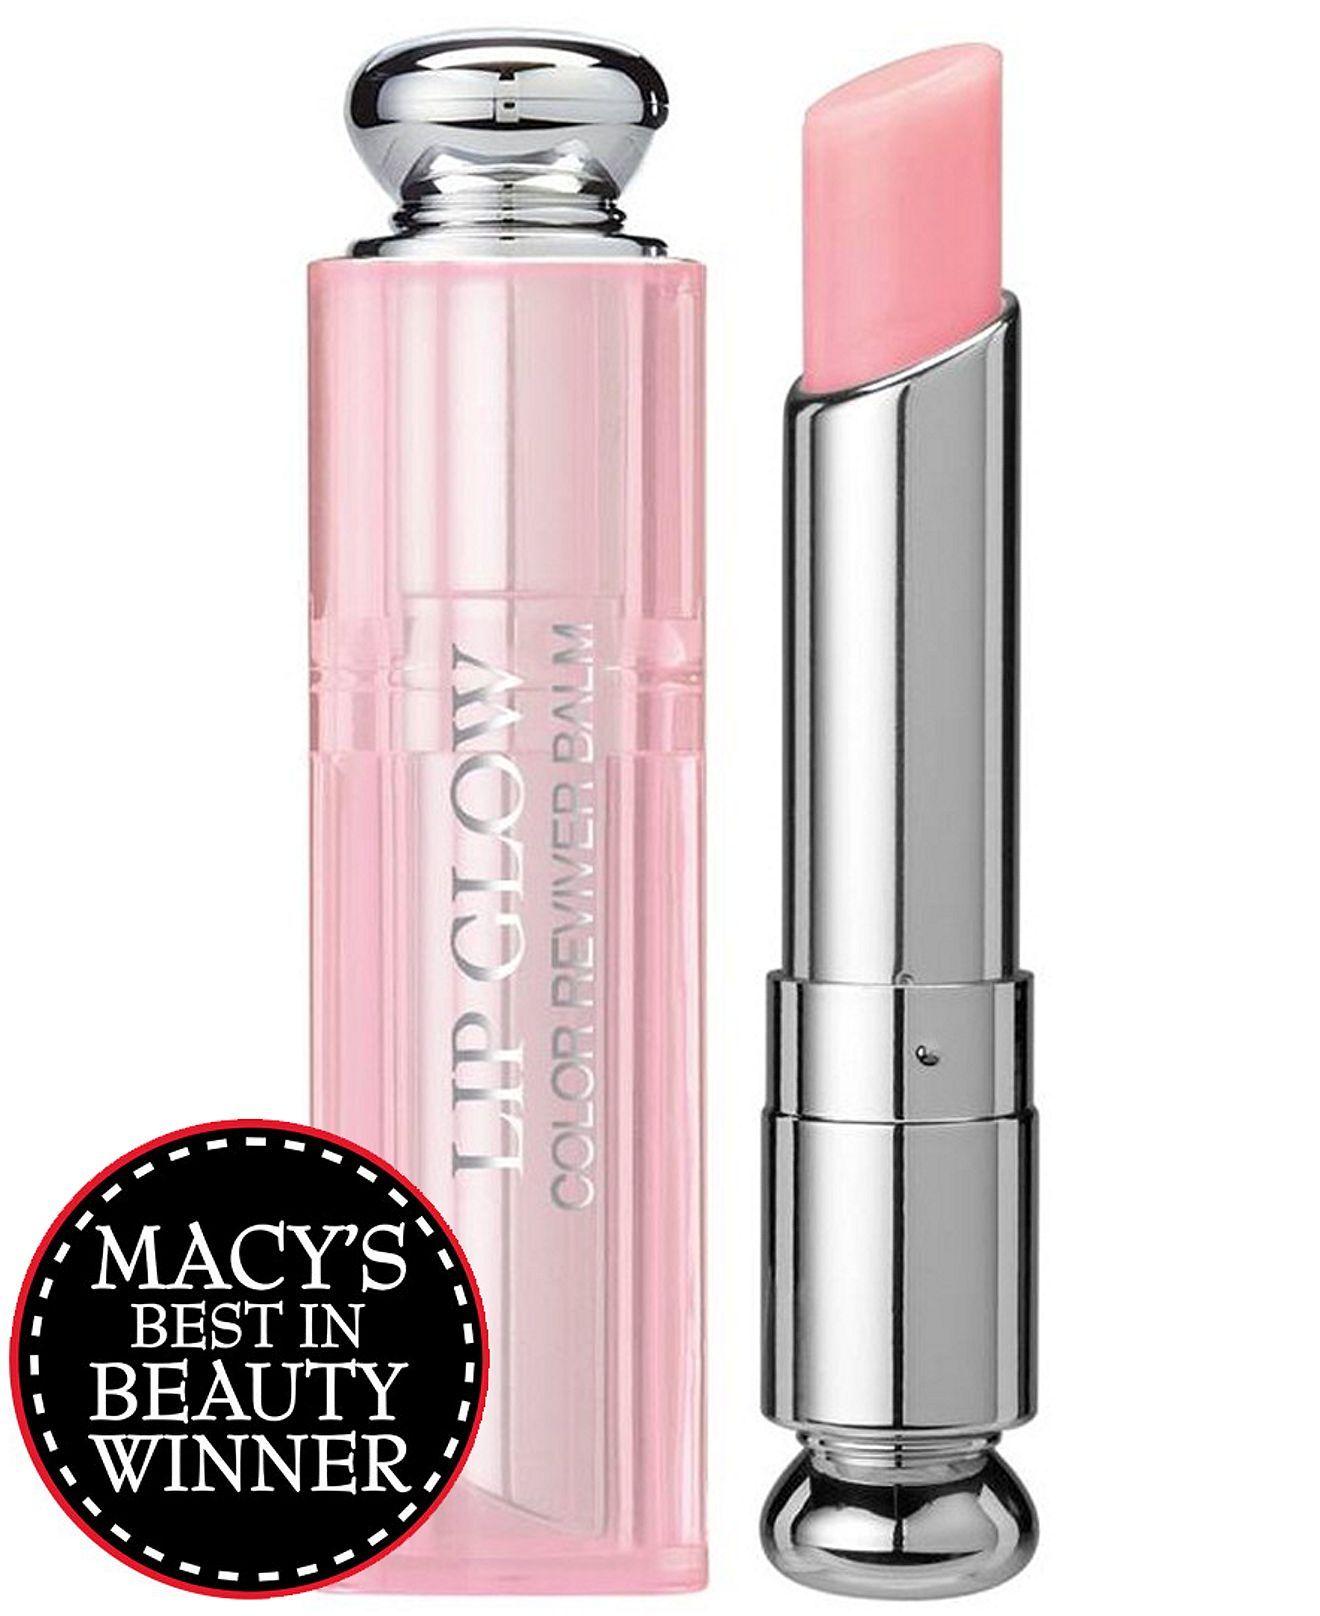 Addict Lip Glow, 0.12 oz Makeup, Dior makeup, Beauty makeup